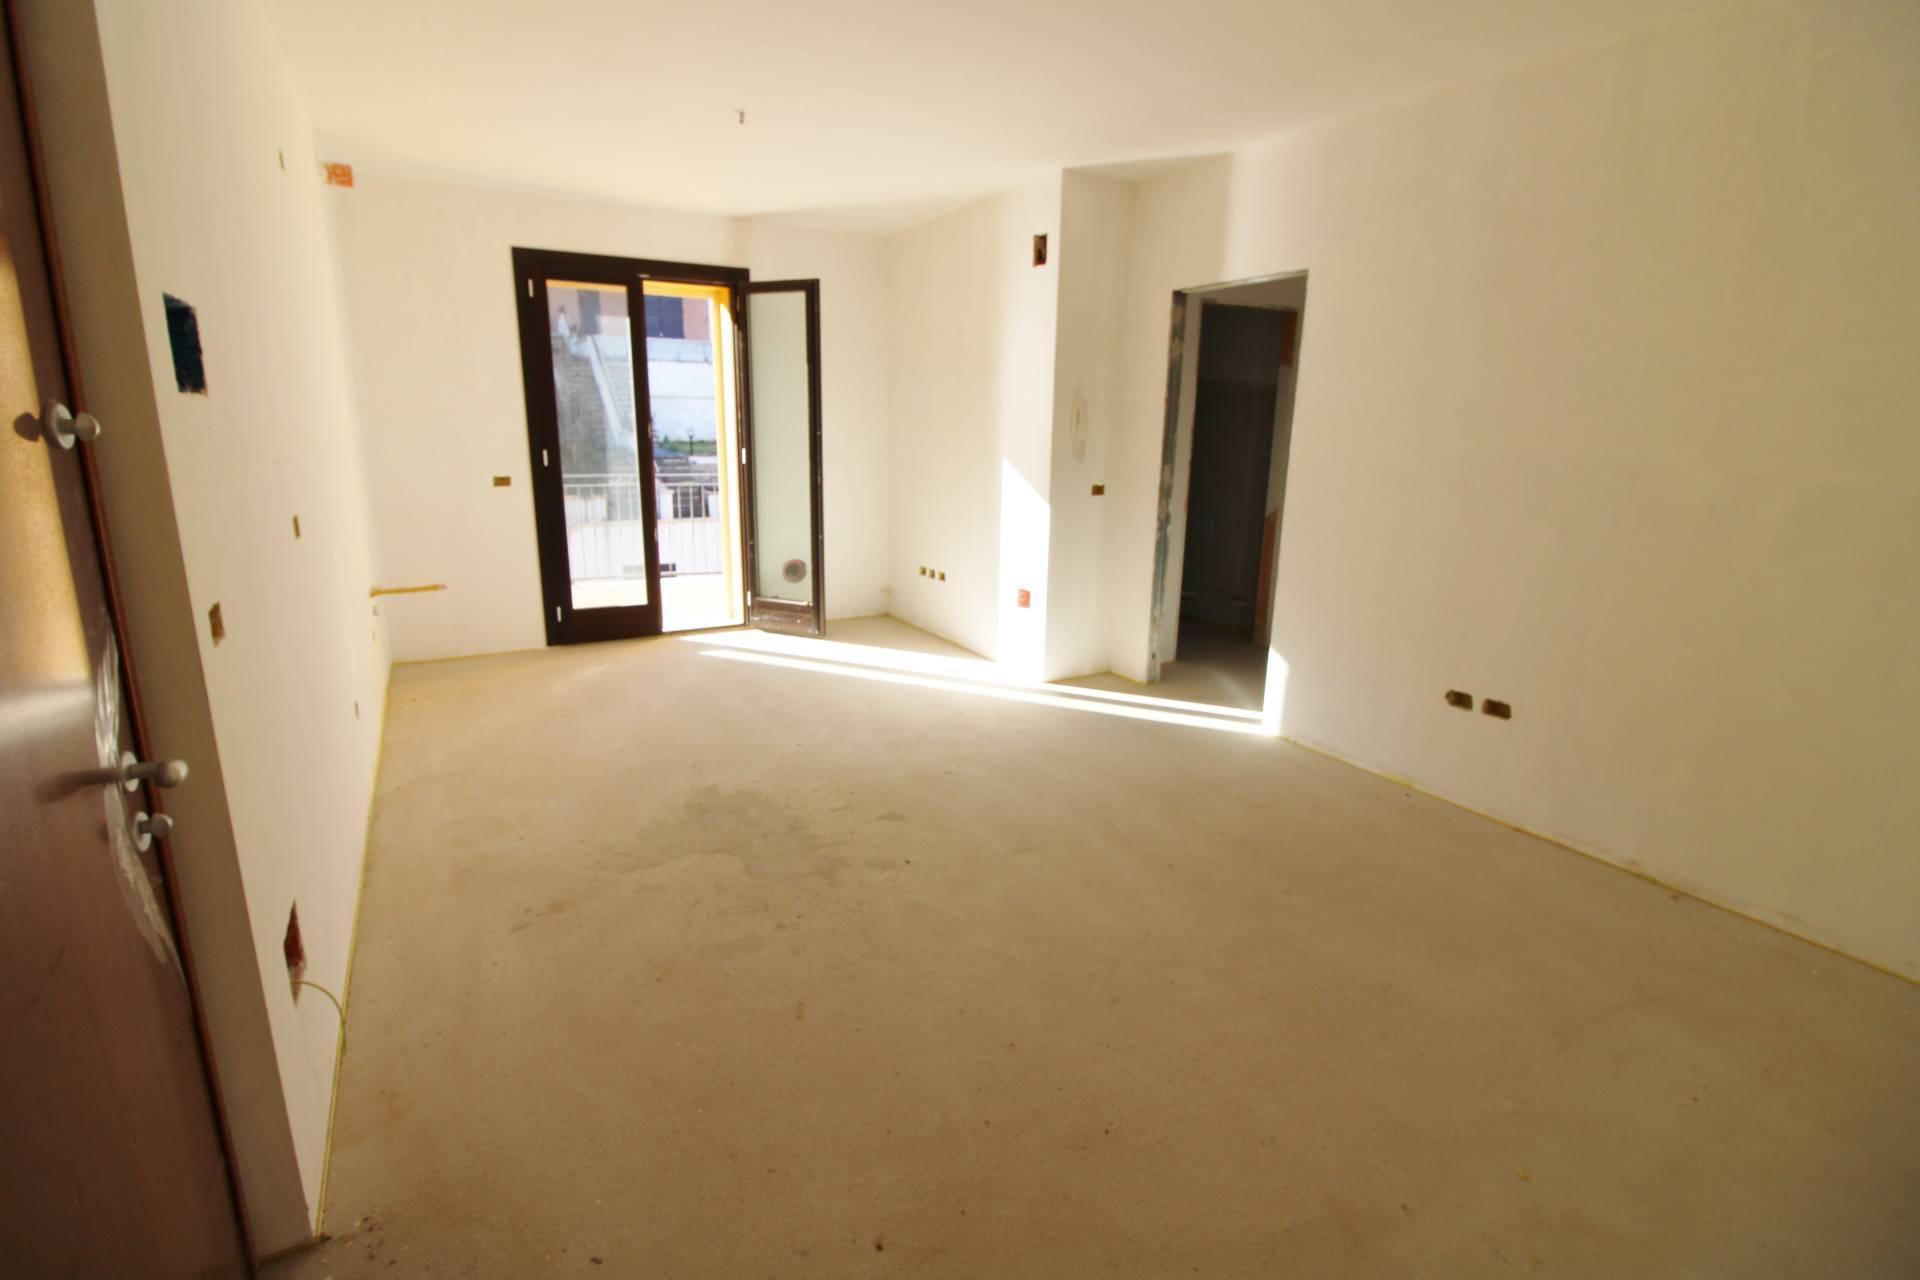 Appartamento in vendita a Colonnella, 3 locali, prezzo € 93.000 | PortaleAgenzieImmobiliari.it